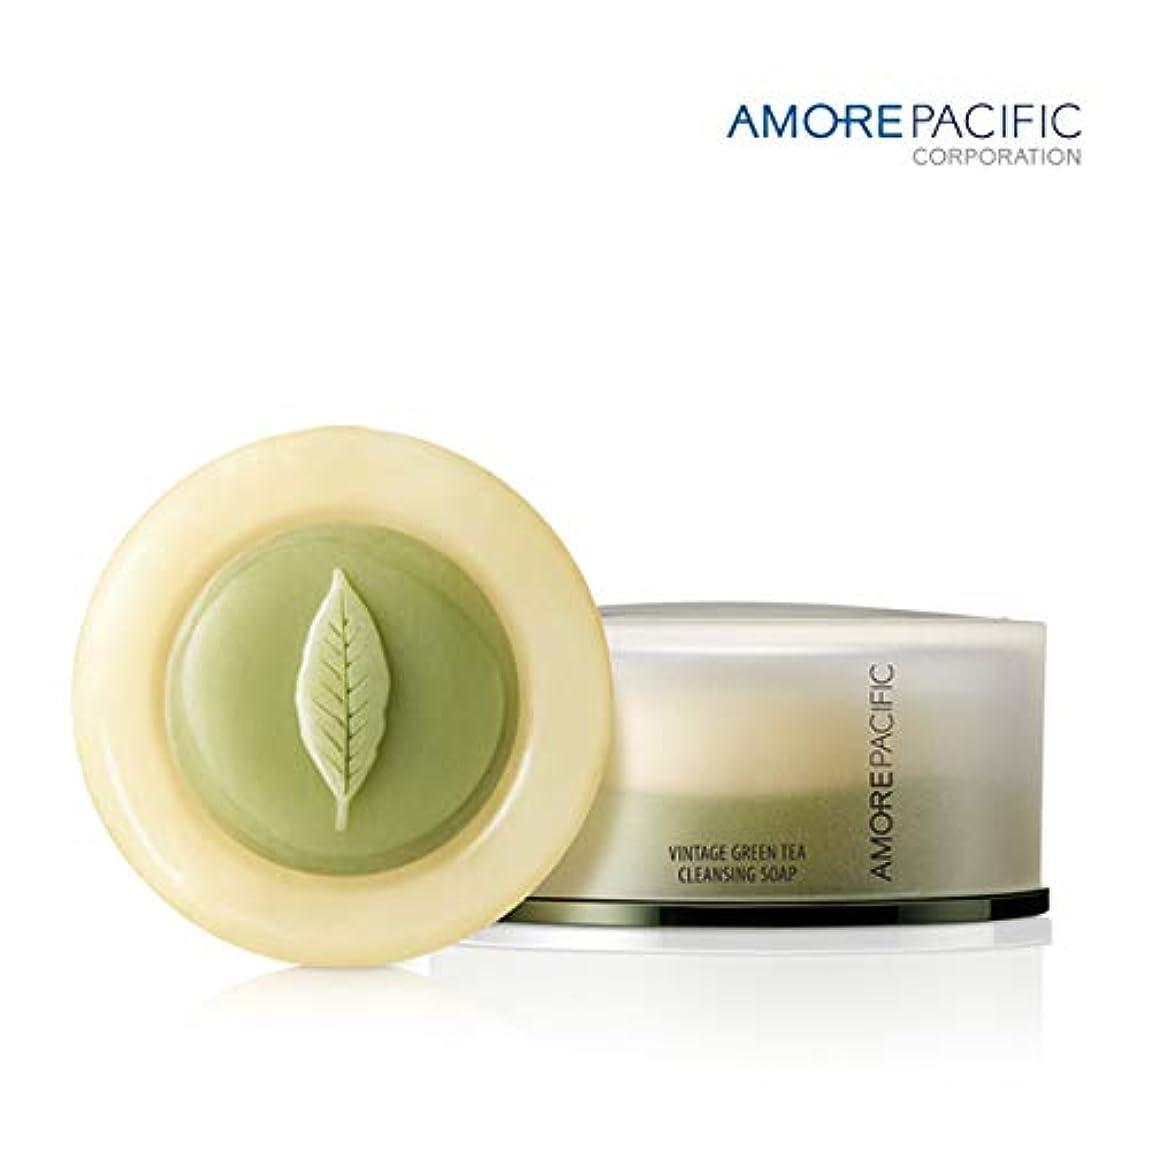 制限また練習アモーレパシフィック(AMOREPACIFIC)トリートメント クレンジング ソープ (Treatment Cleansing Soap)140g